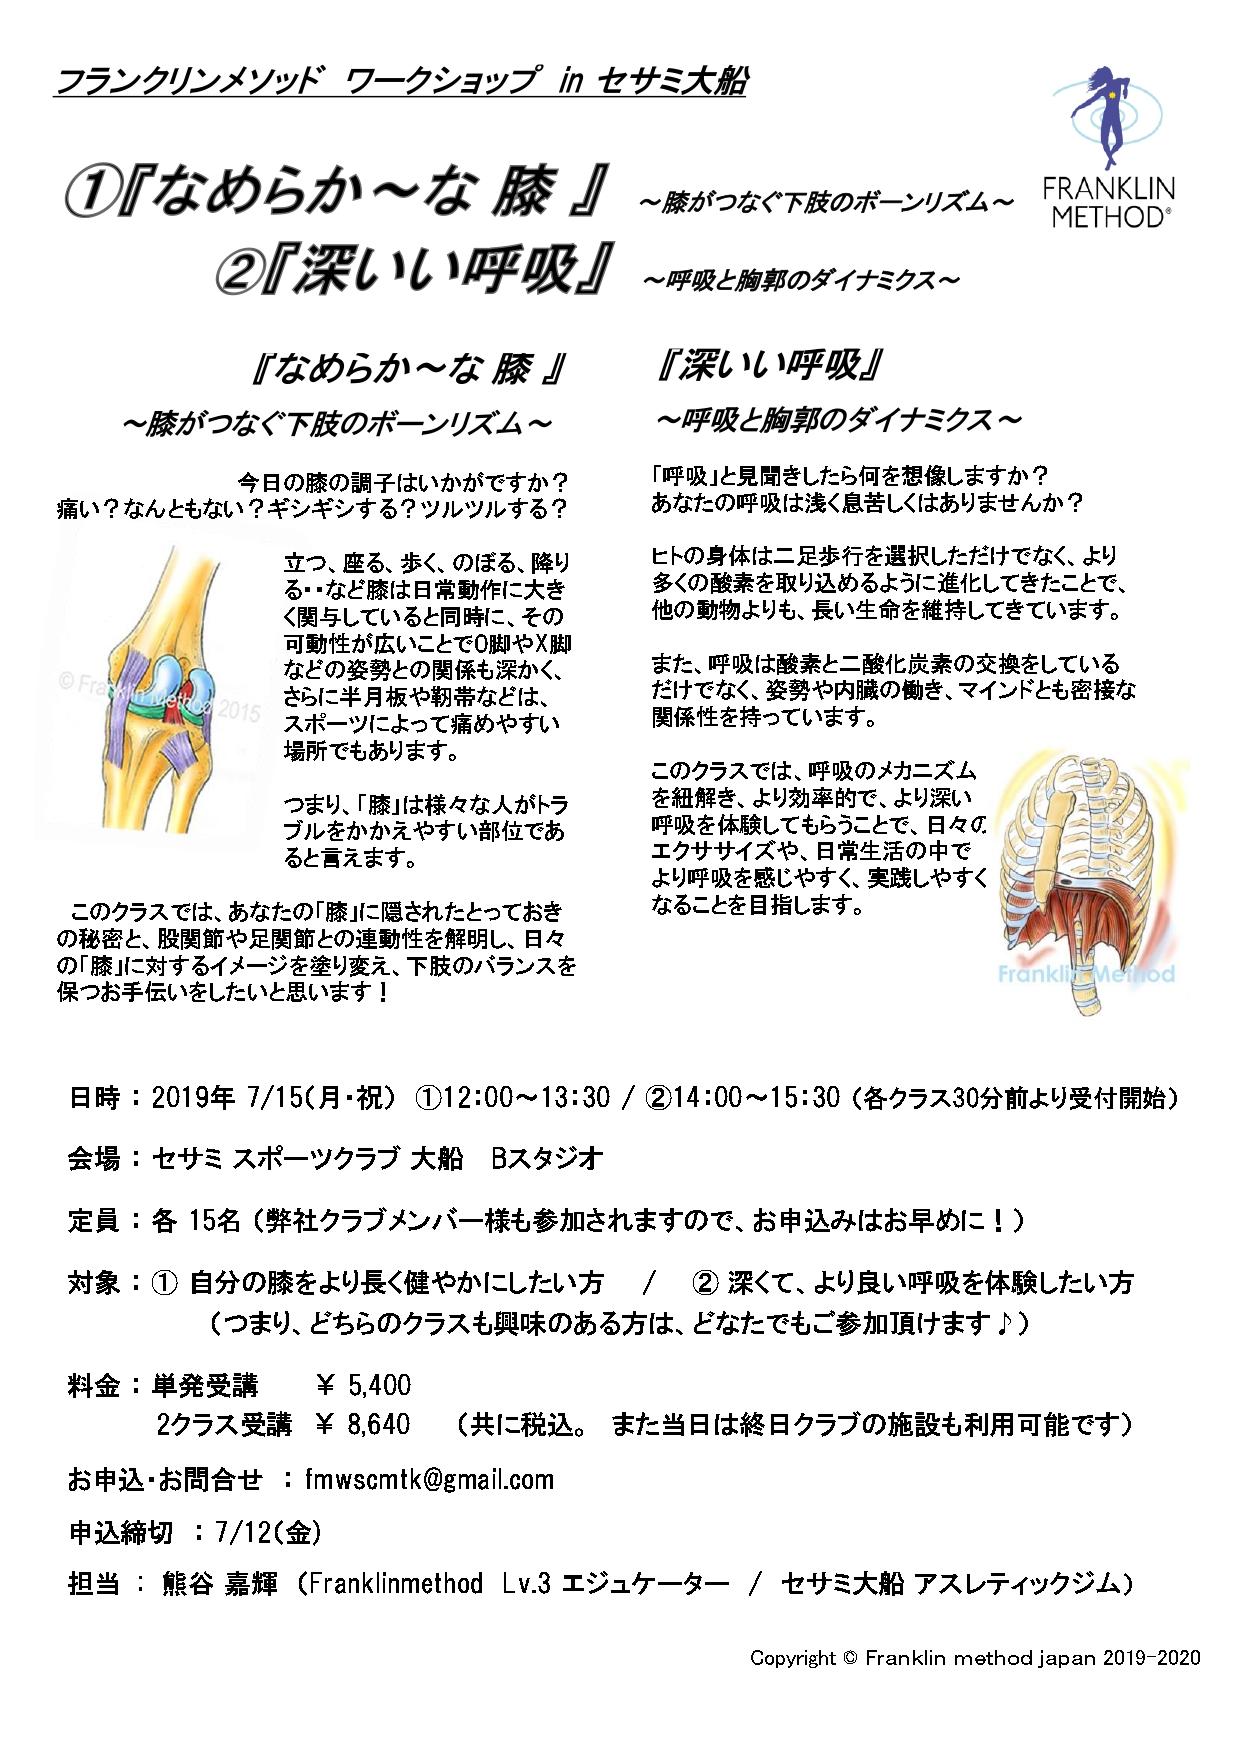 7/15(月祝)大船  熊谷嘉輝WS ① なめらか~な膝 ② 深いい呼吸